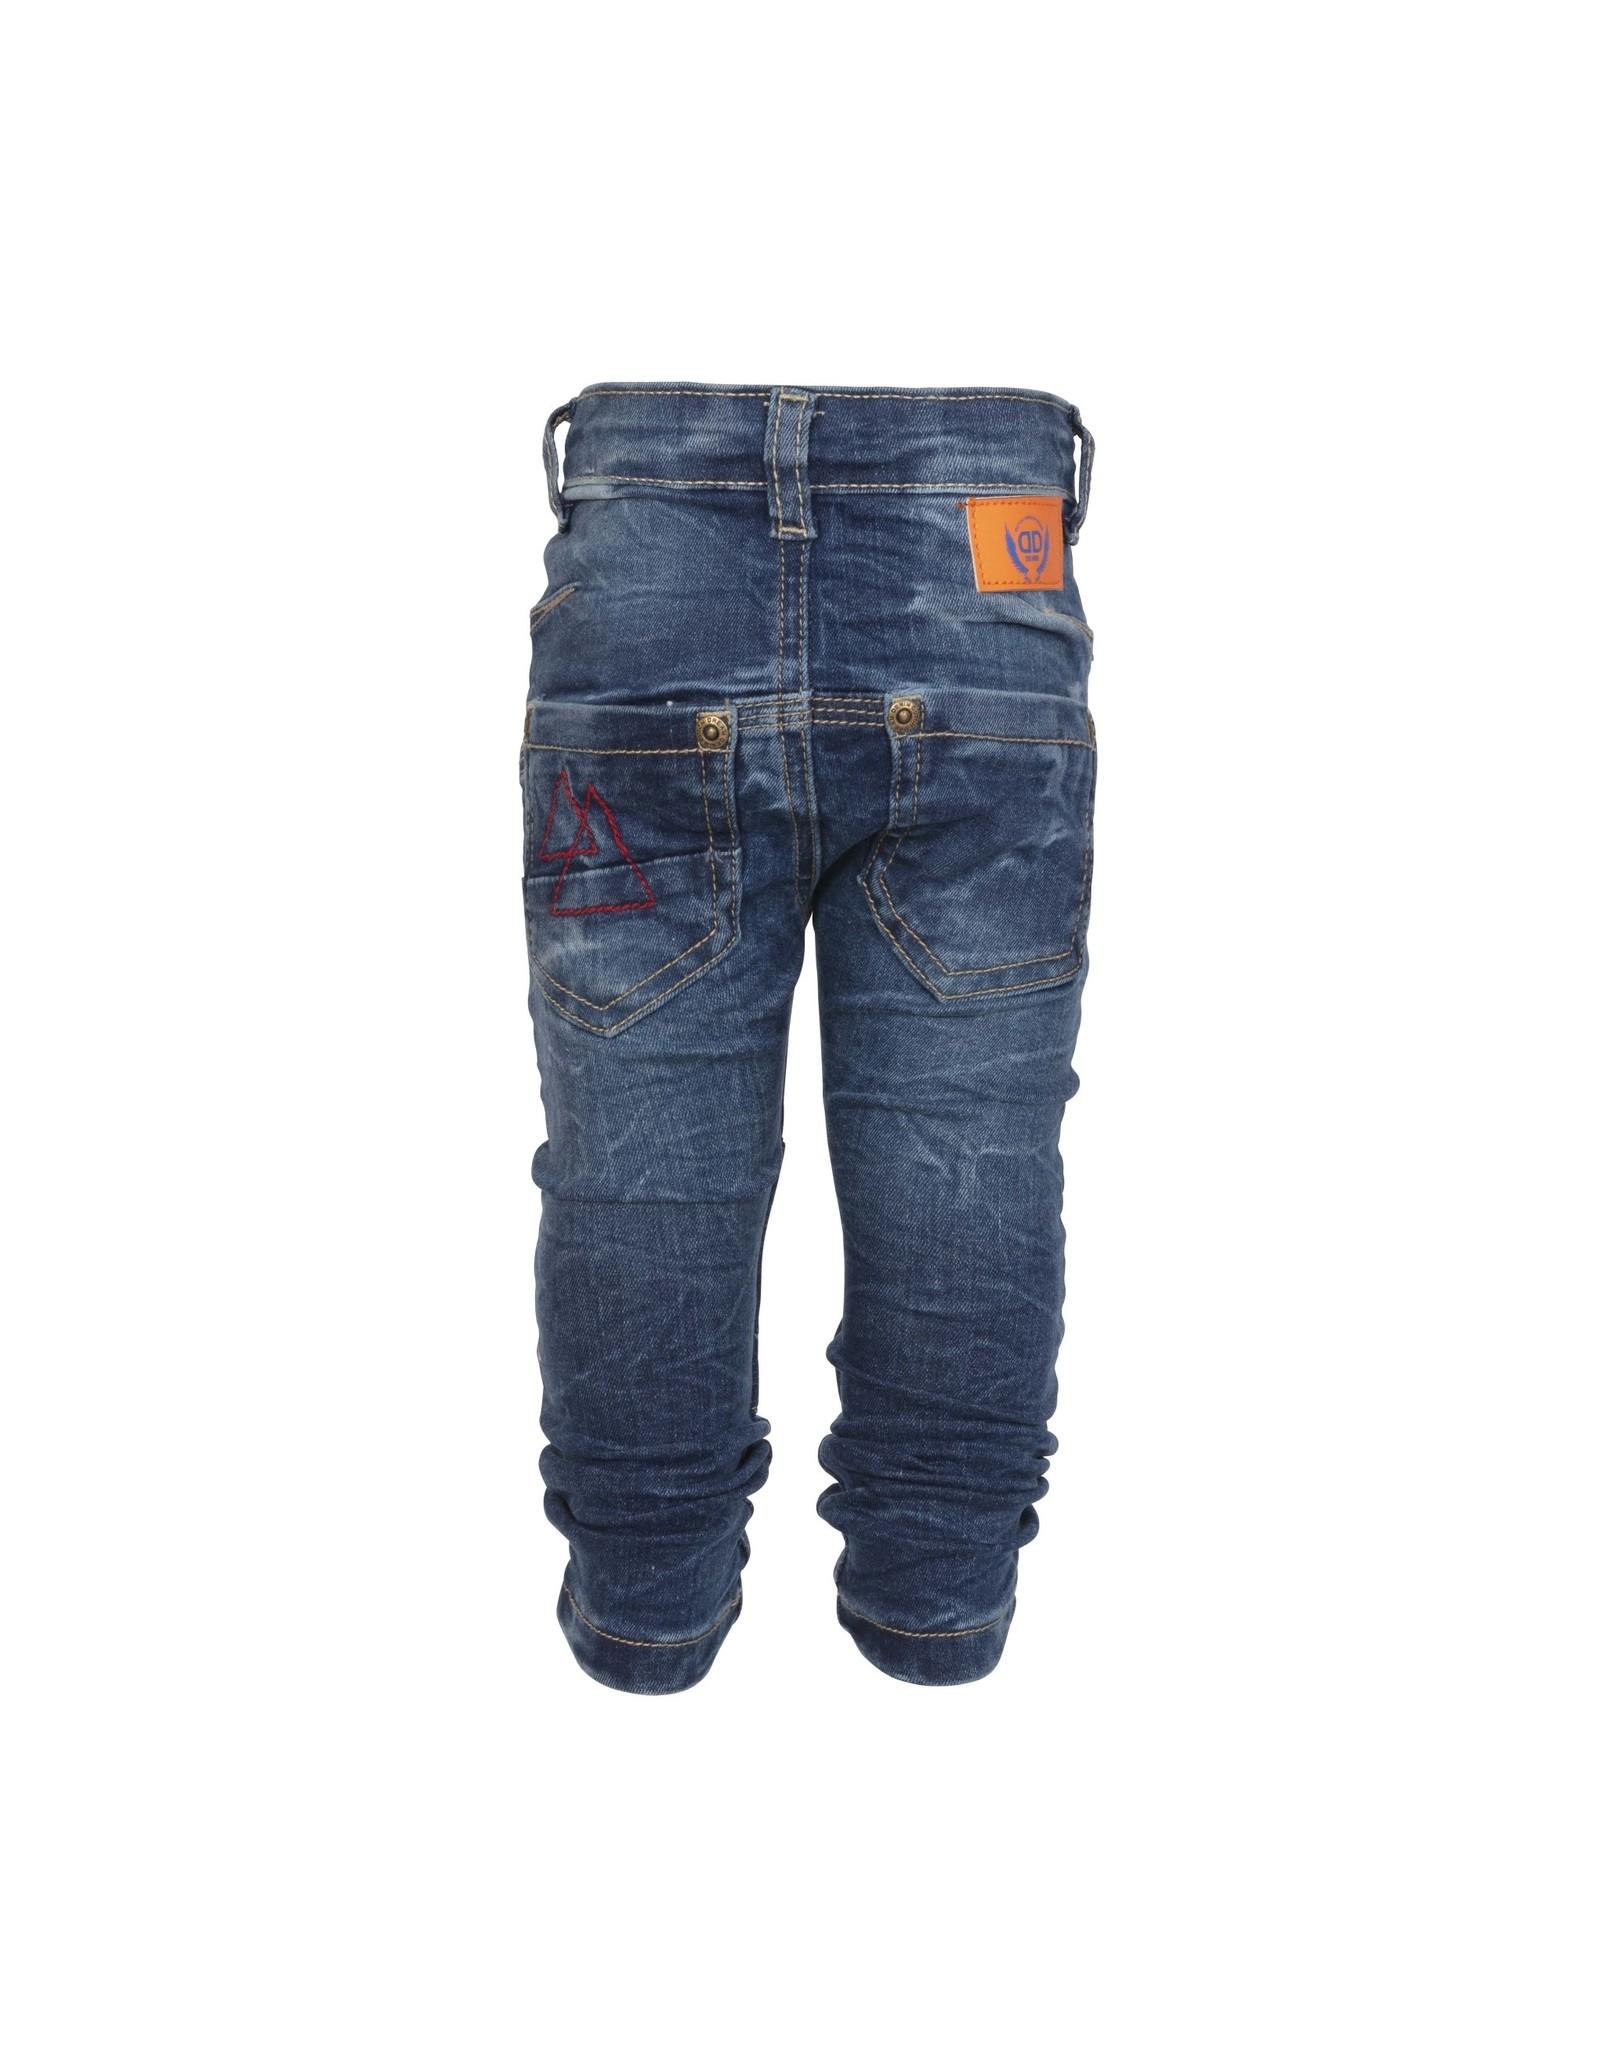 DDD DDD baby jongens jeans Haraka